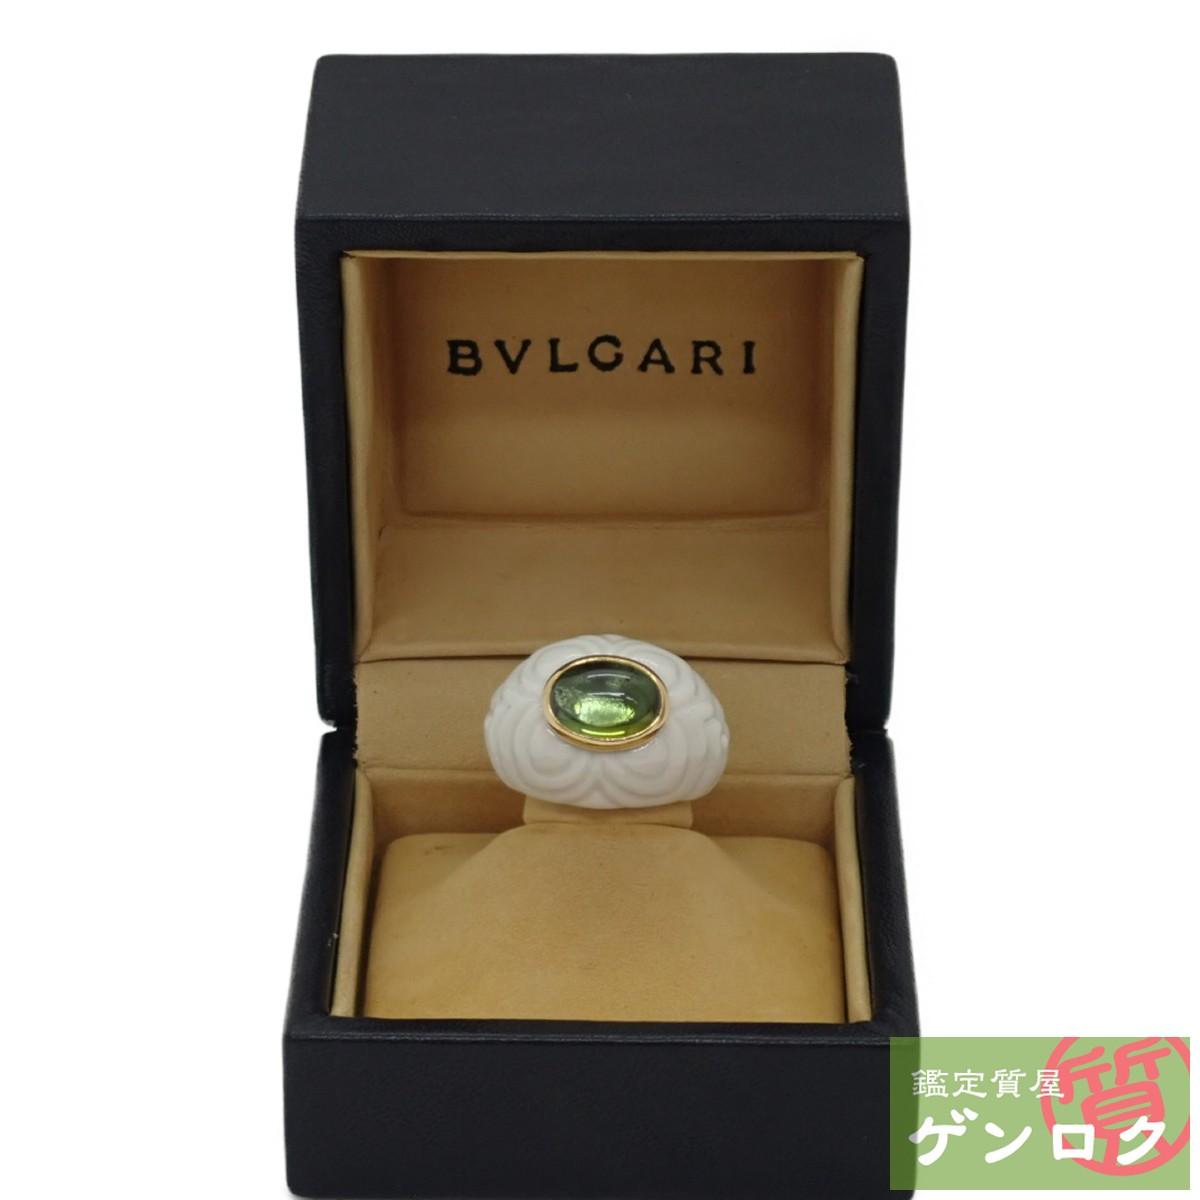 【中古】ブルガリ チャンドラ リング セラミック ペリドット 750YG リング 指輪 BVLGARI【質屋】【代引き手数料無料】